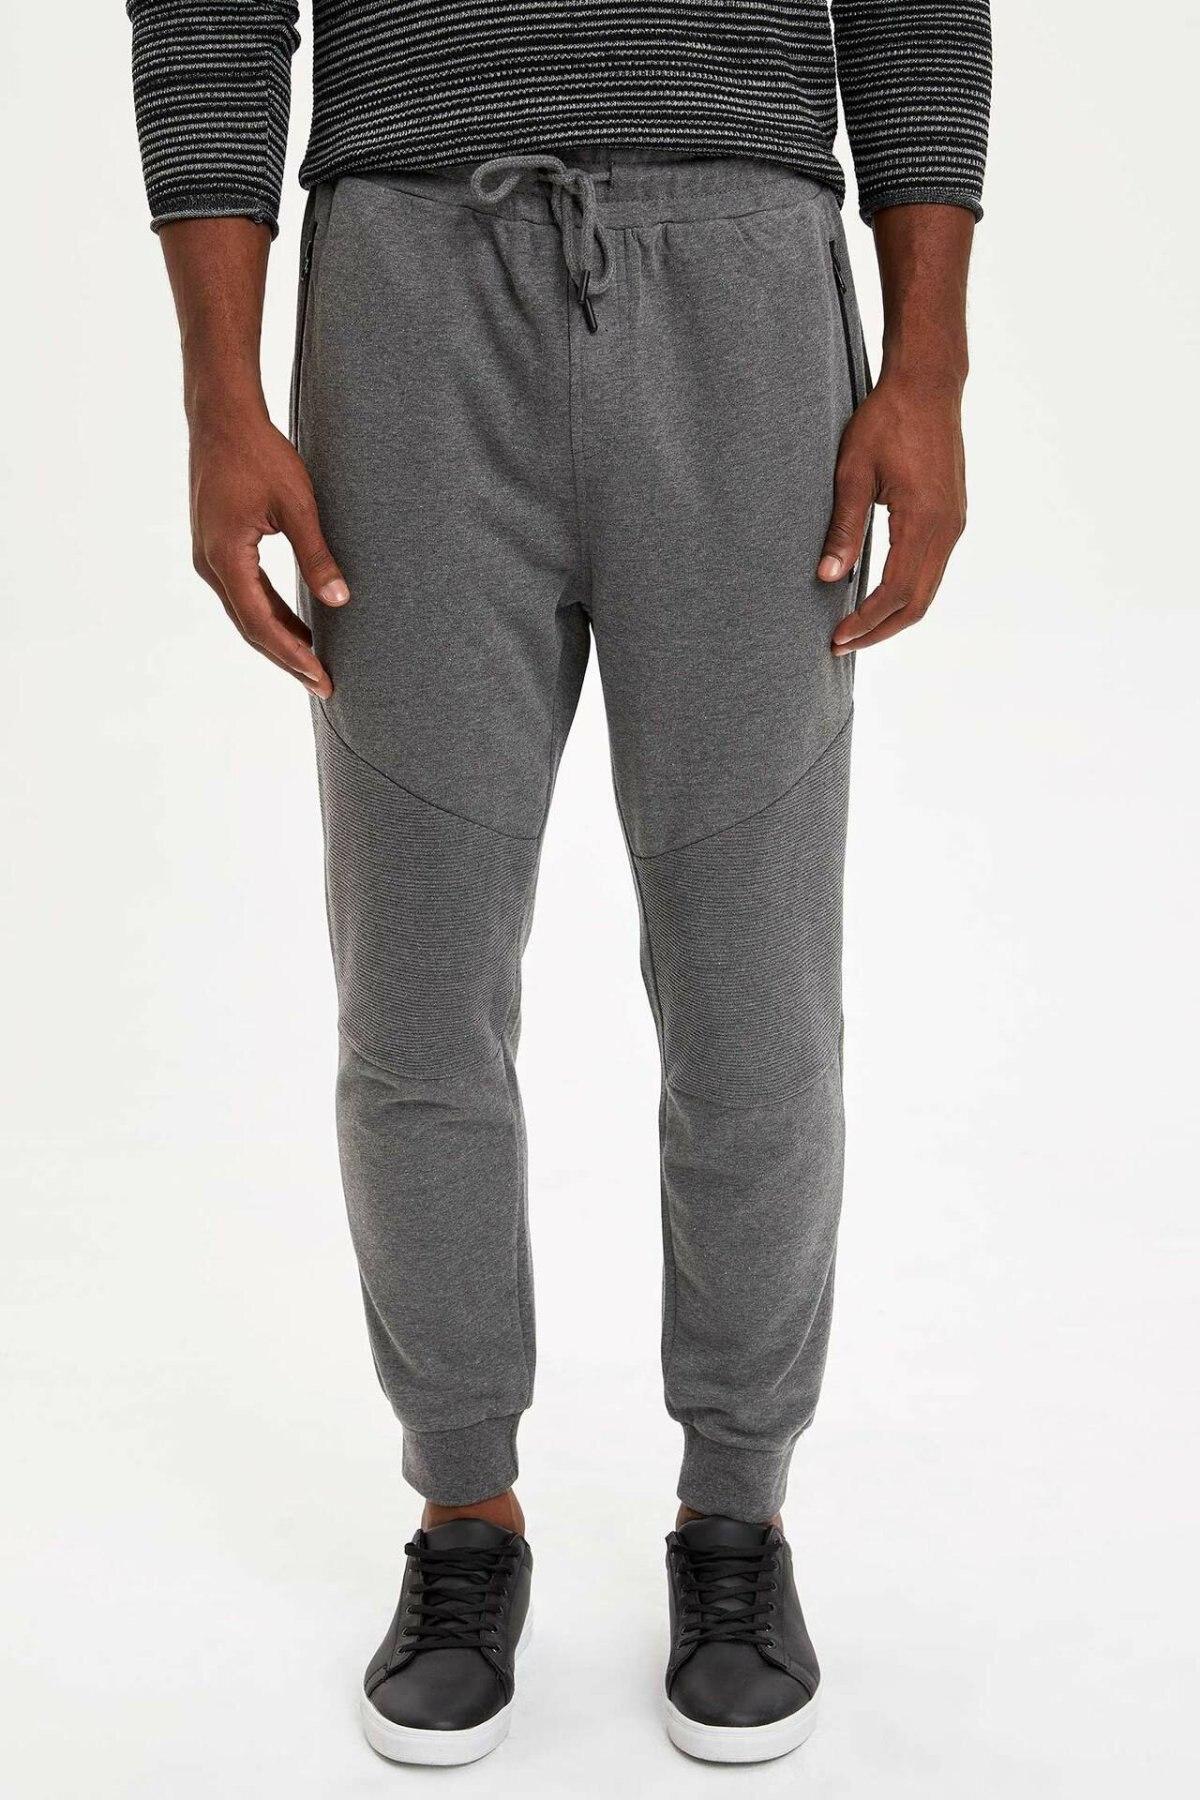 DeFacto Man Autumn Light Grey Long Pants Men Lace-up Bottoms Male Casual Straight Sports Trousers-L1797AZ19AU